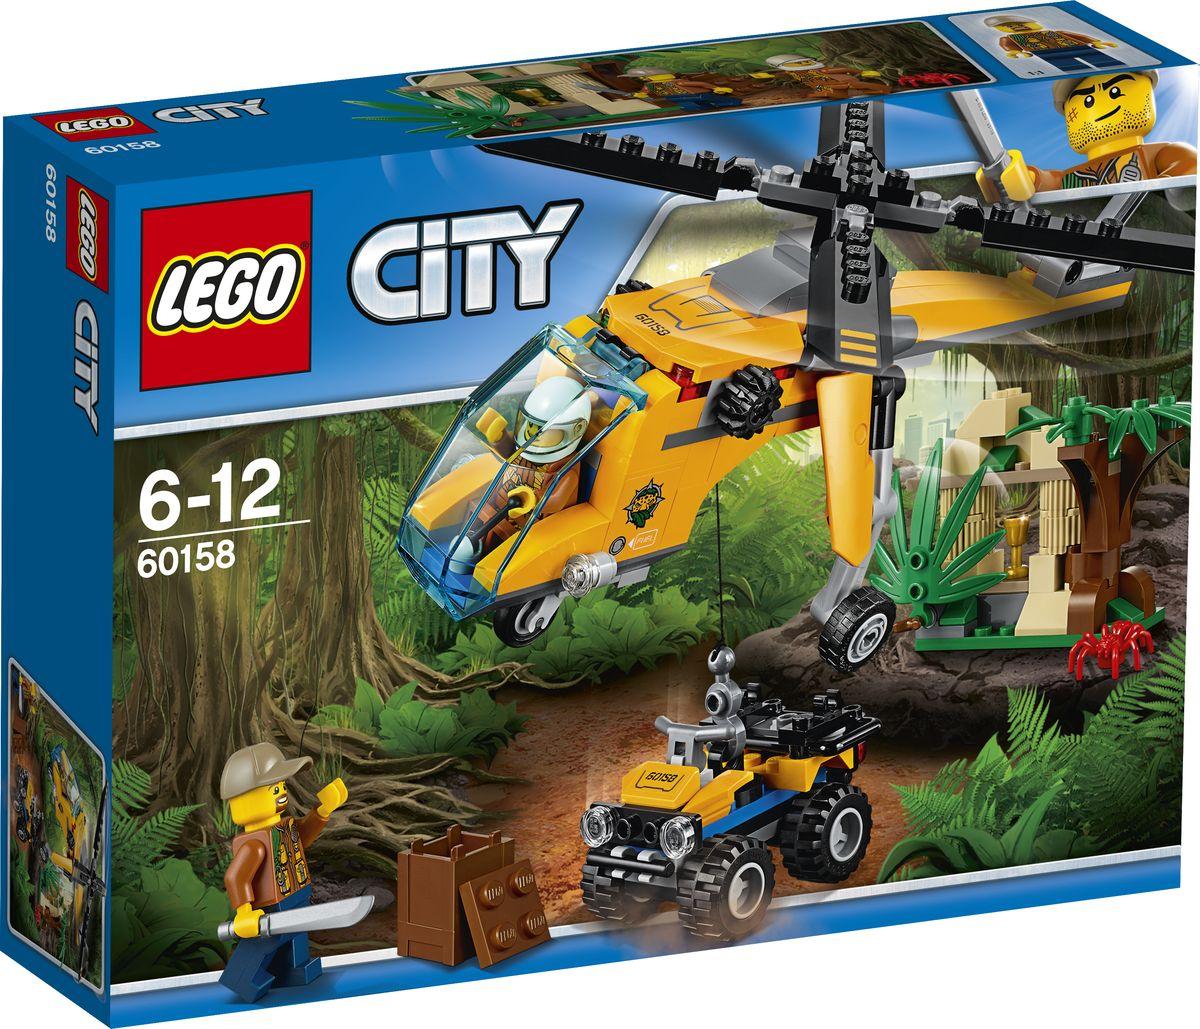 LEGO City Jungle Explorer Конструктор Грузовой вертолет исследователей джунглей 60158 lego lego city 60093 вертолет исследователей моря